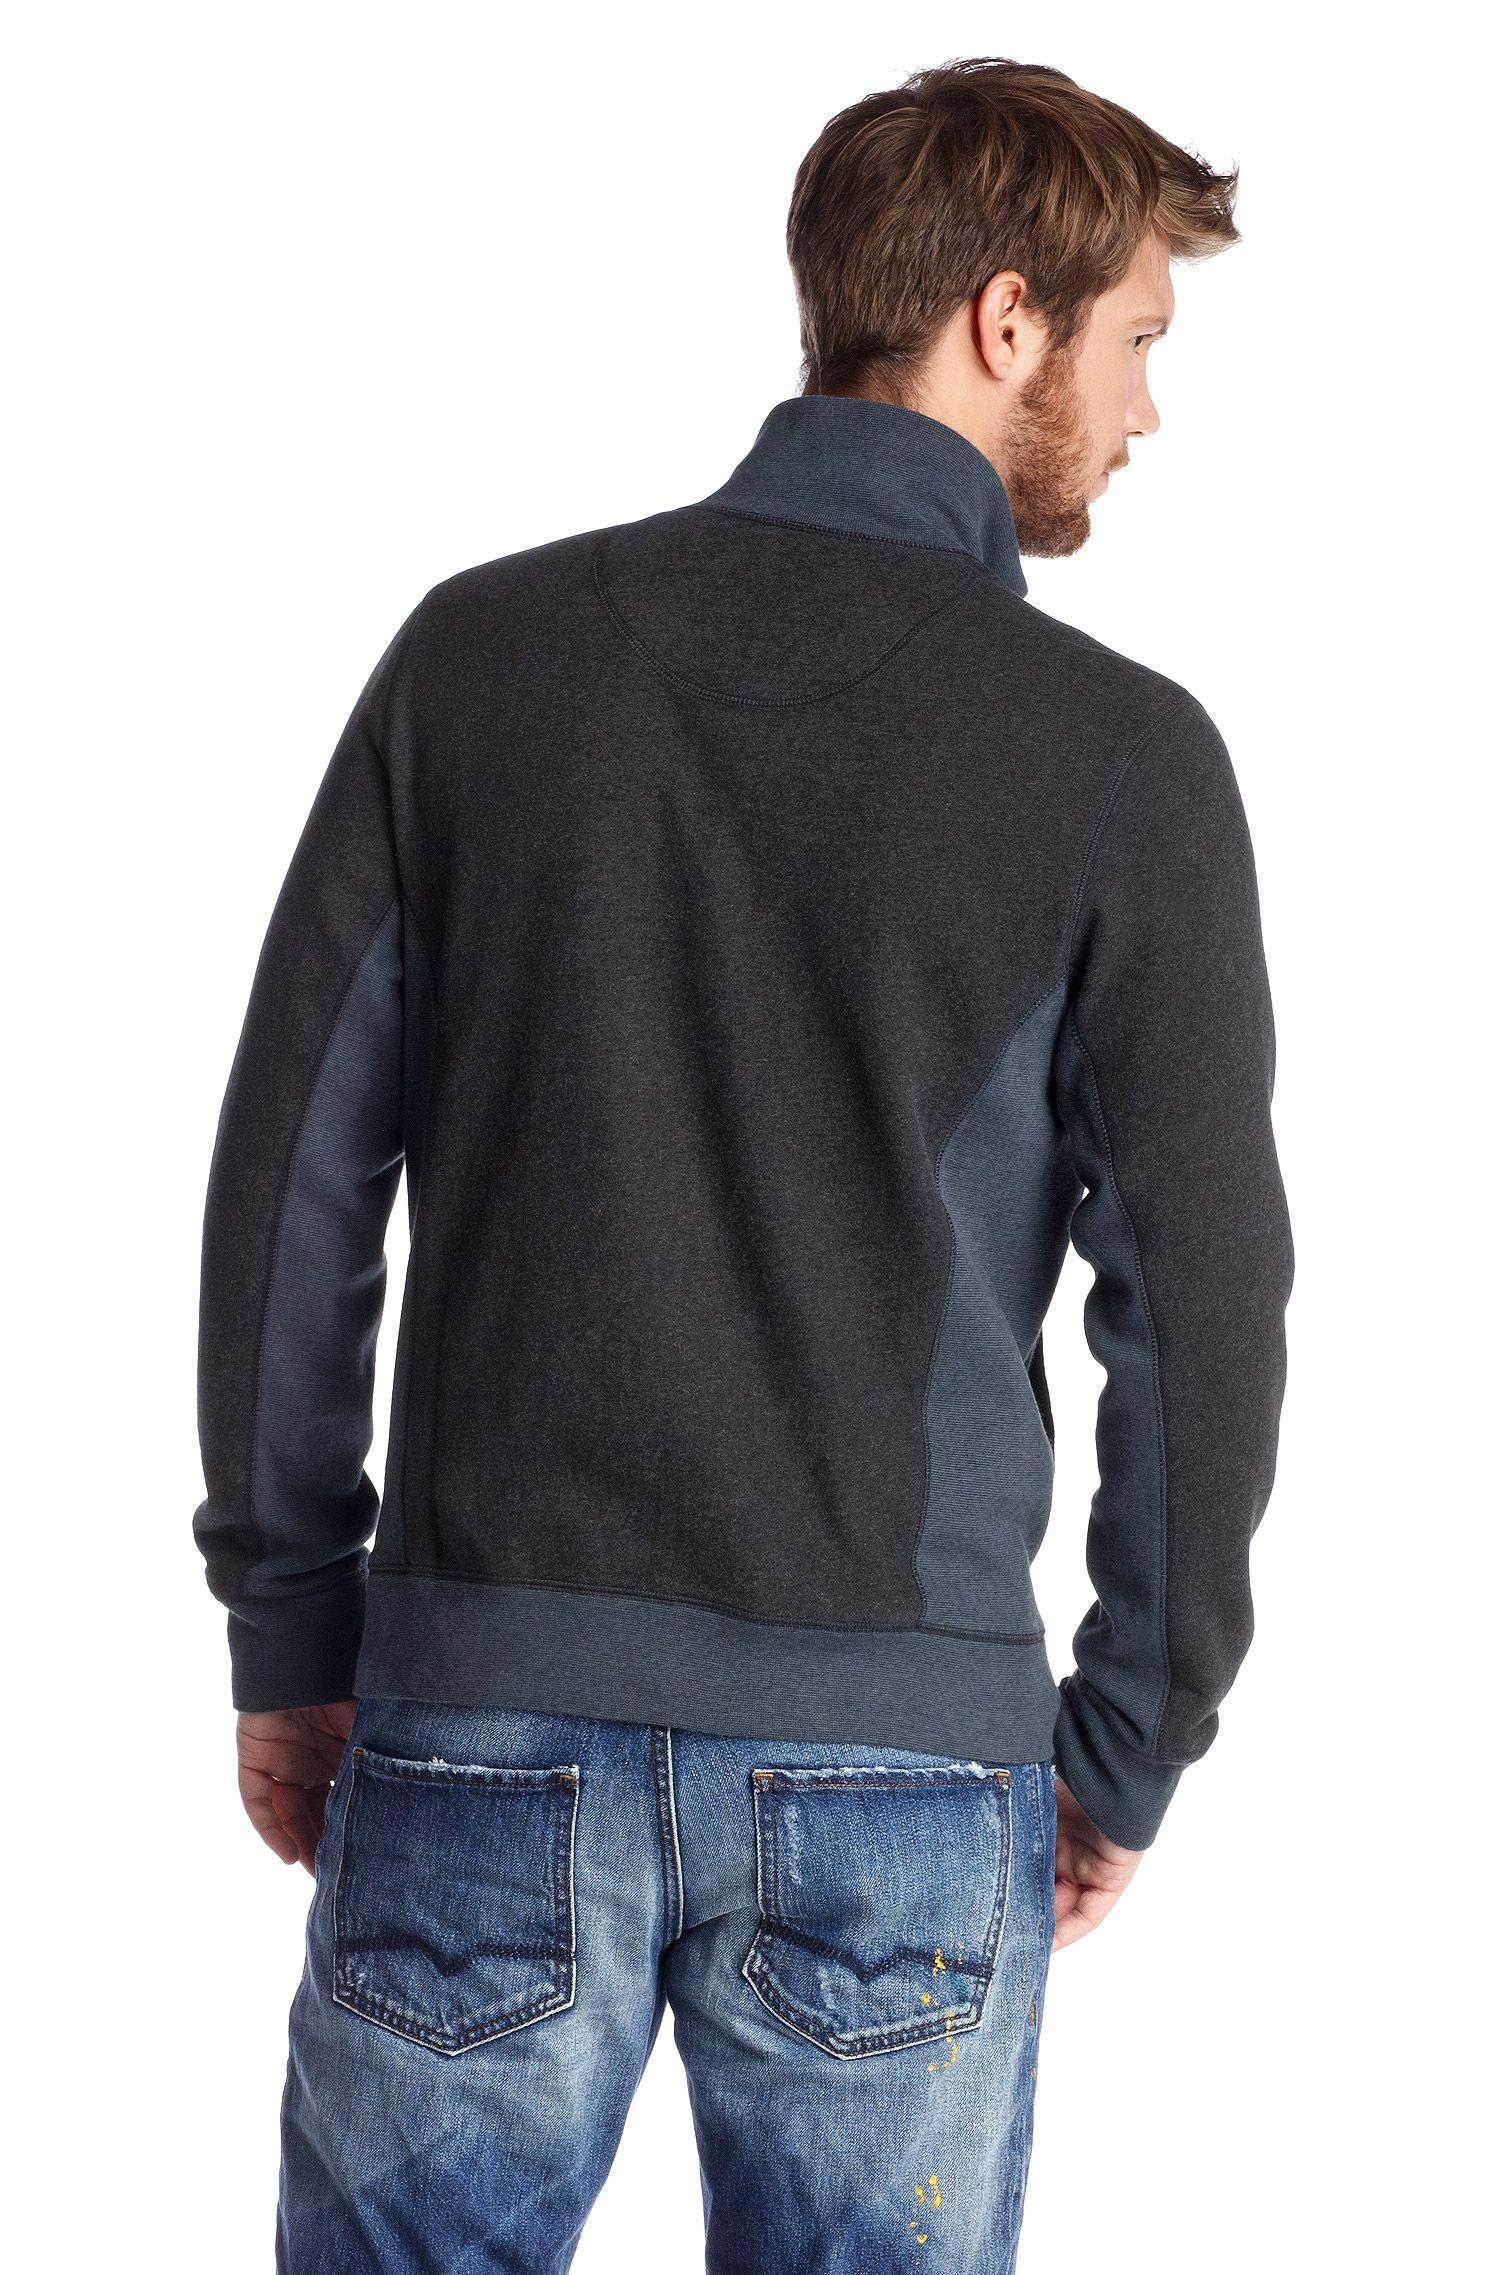 Sweatshirt-Jacke ´Zparks` mit Stehkragen.